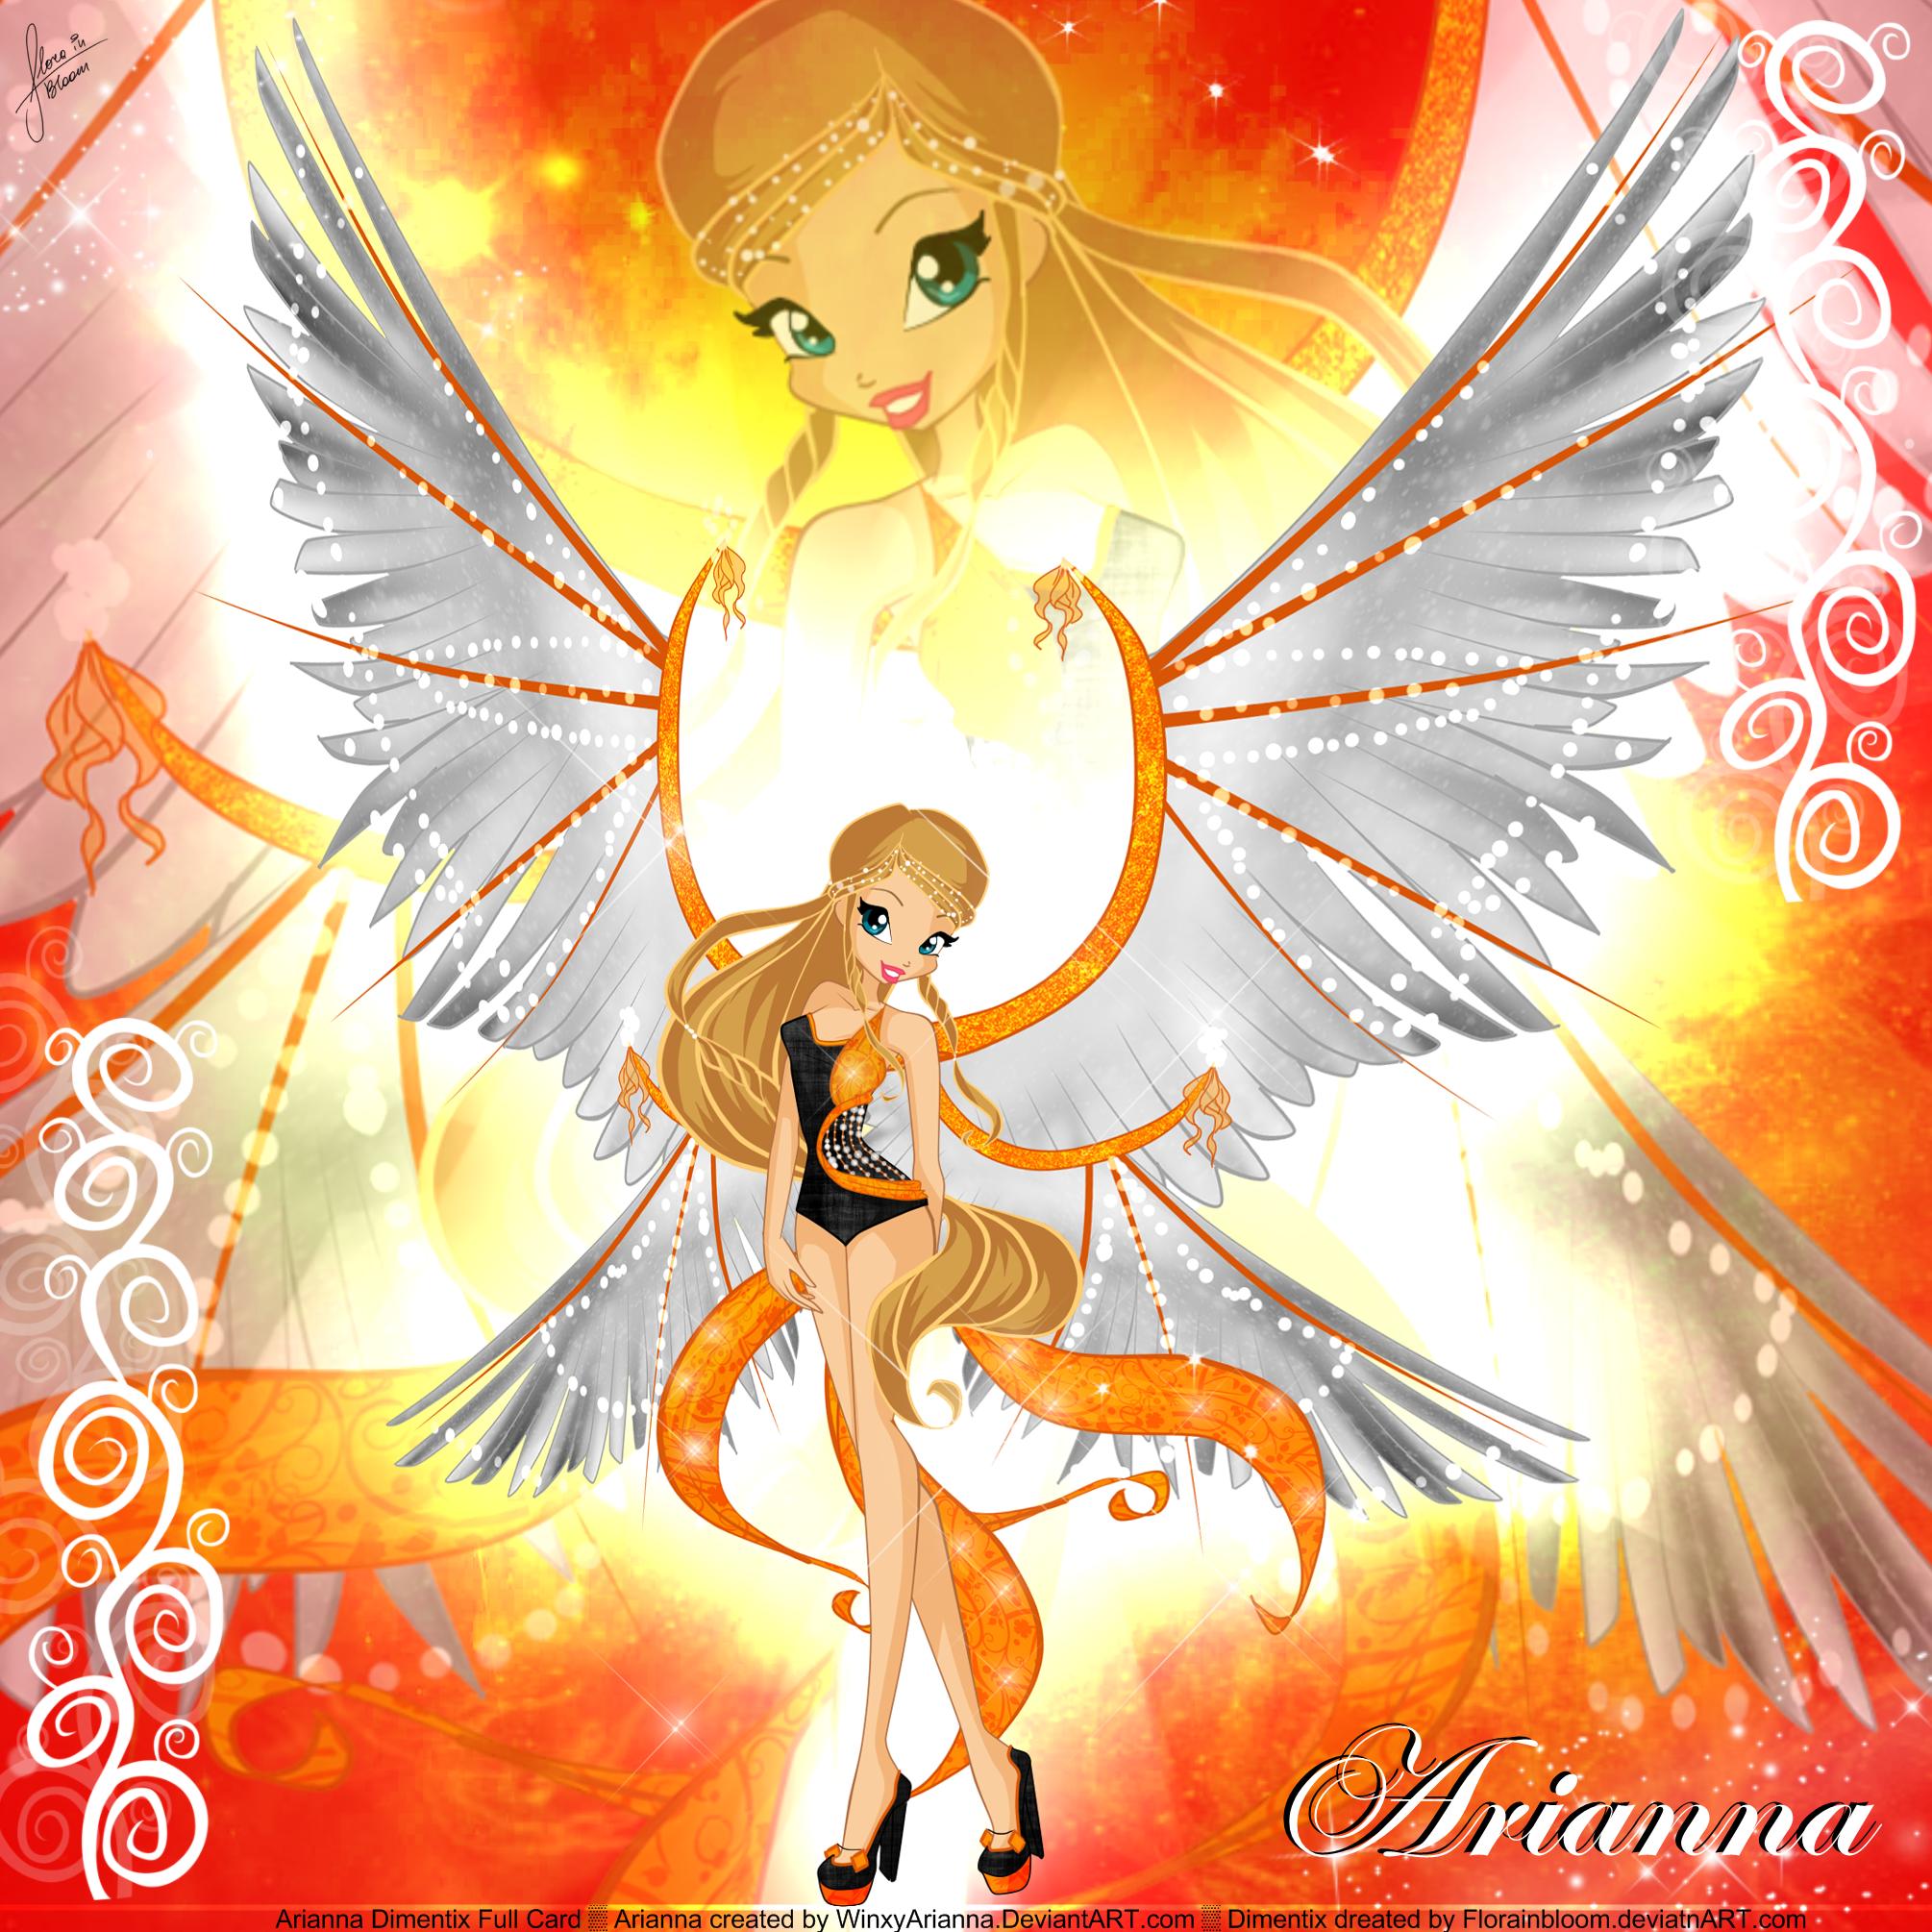 Club: Tu Historia Winx (2) - Página 3 P__arianna_dimentix_full_by_florainbloom-d35u9f4